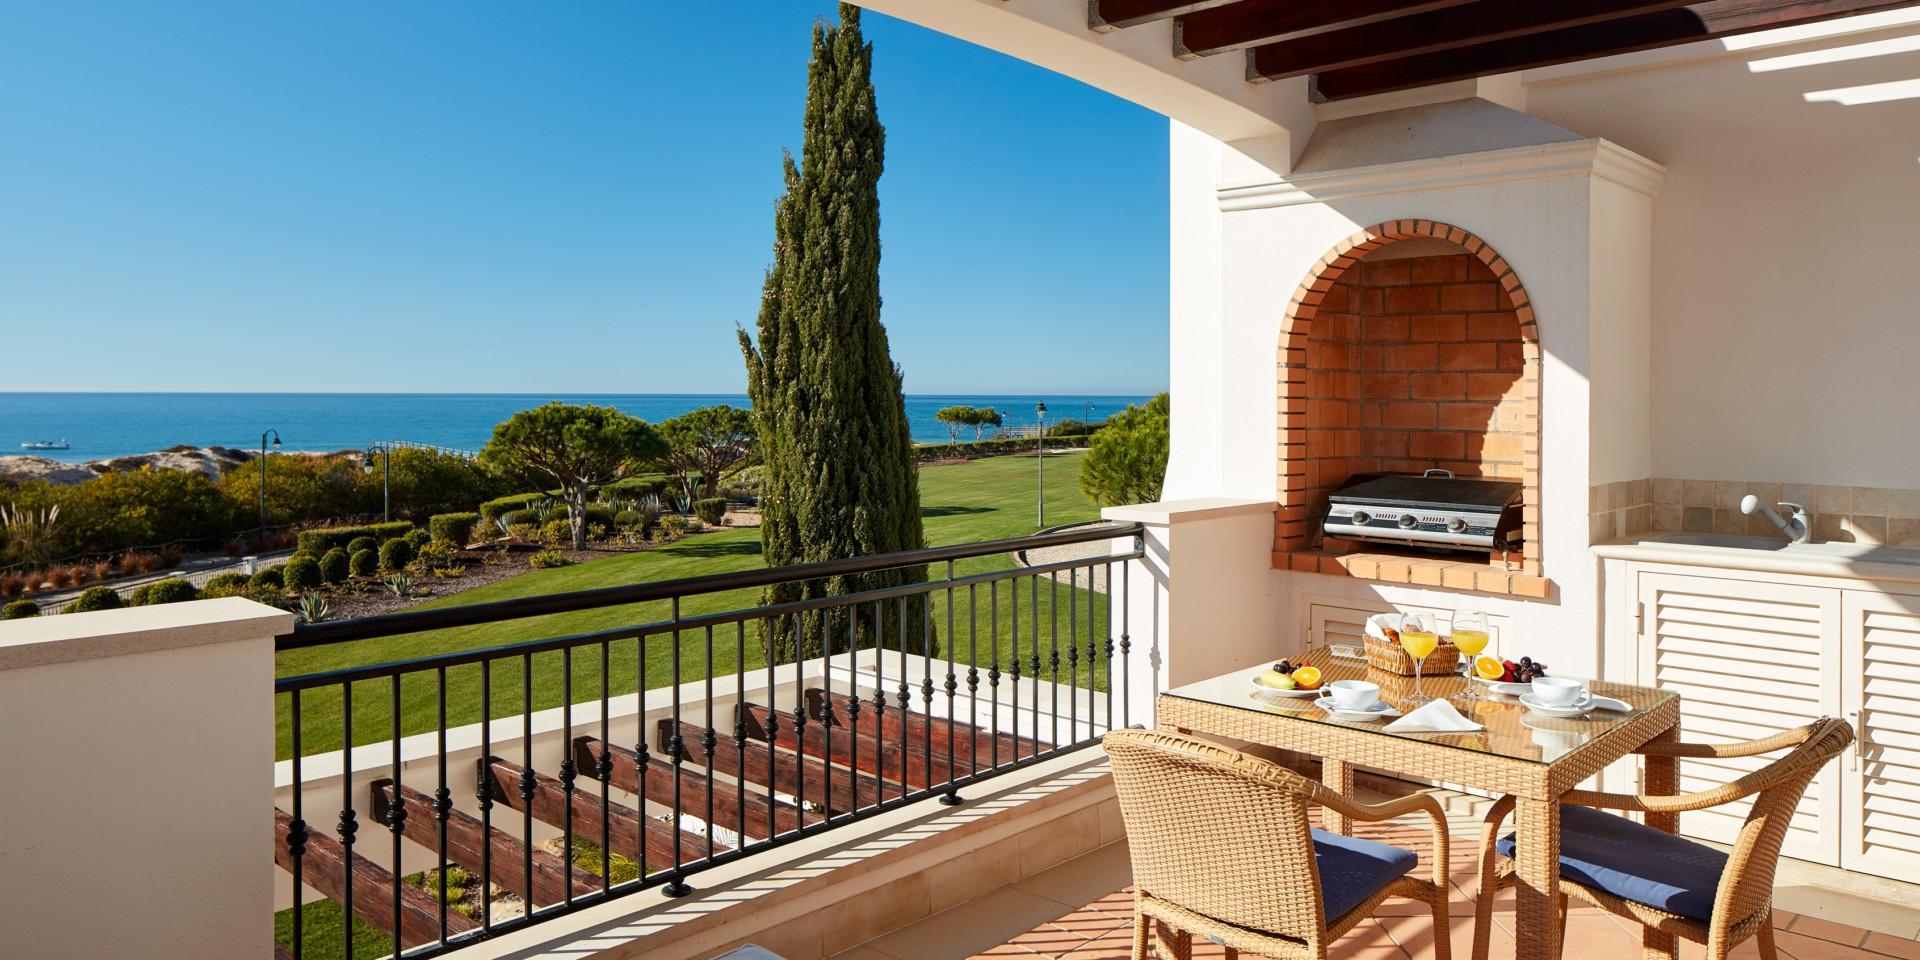 Dunas Douradas Beach Club Front Sea View 3 bedroom apartment - Dunas Douradas Beach Club, Vale do Lobo, Algarve - DDBC_X3A2285CB-1920x960.jpg